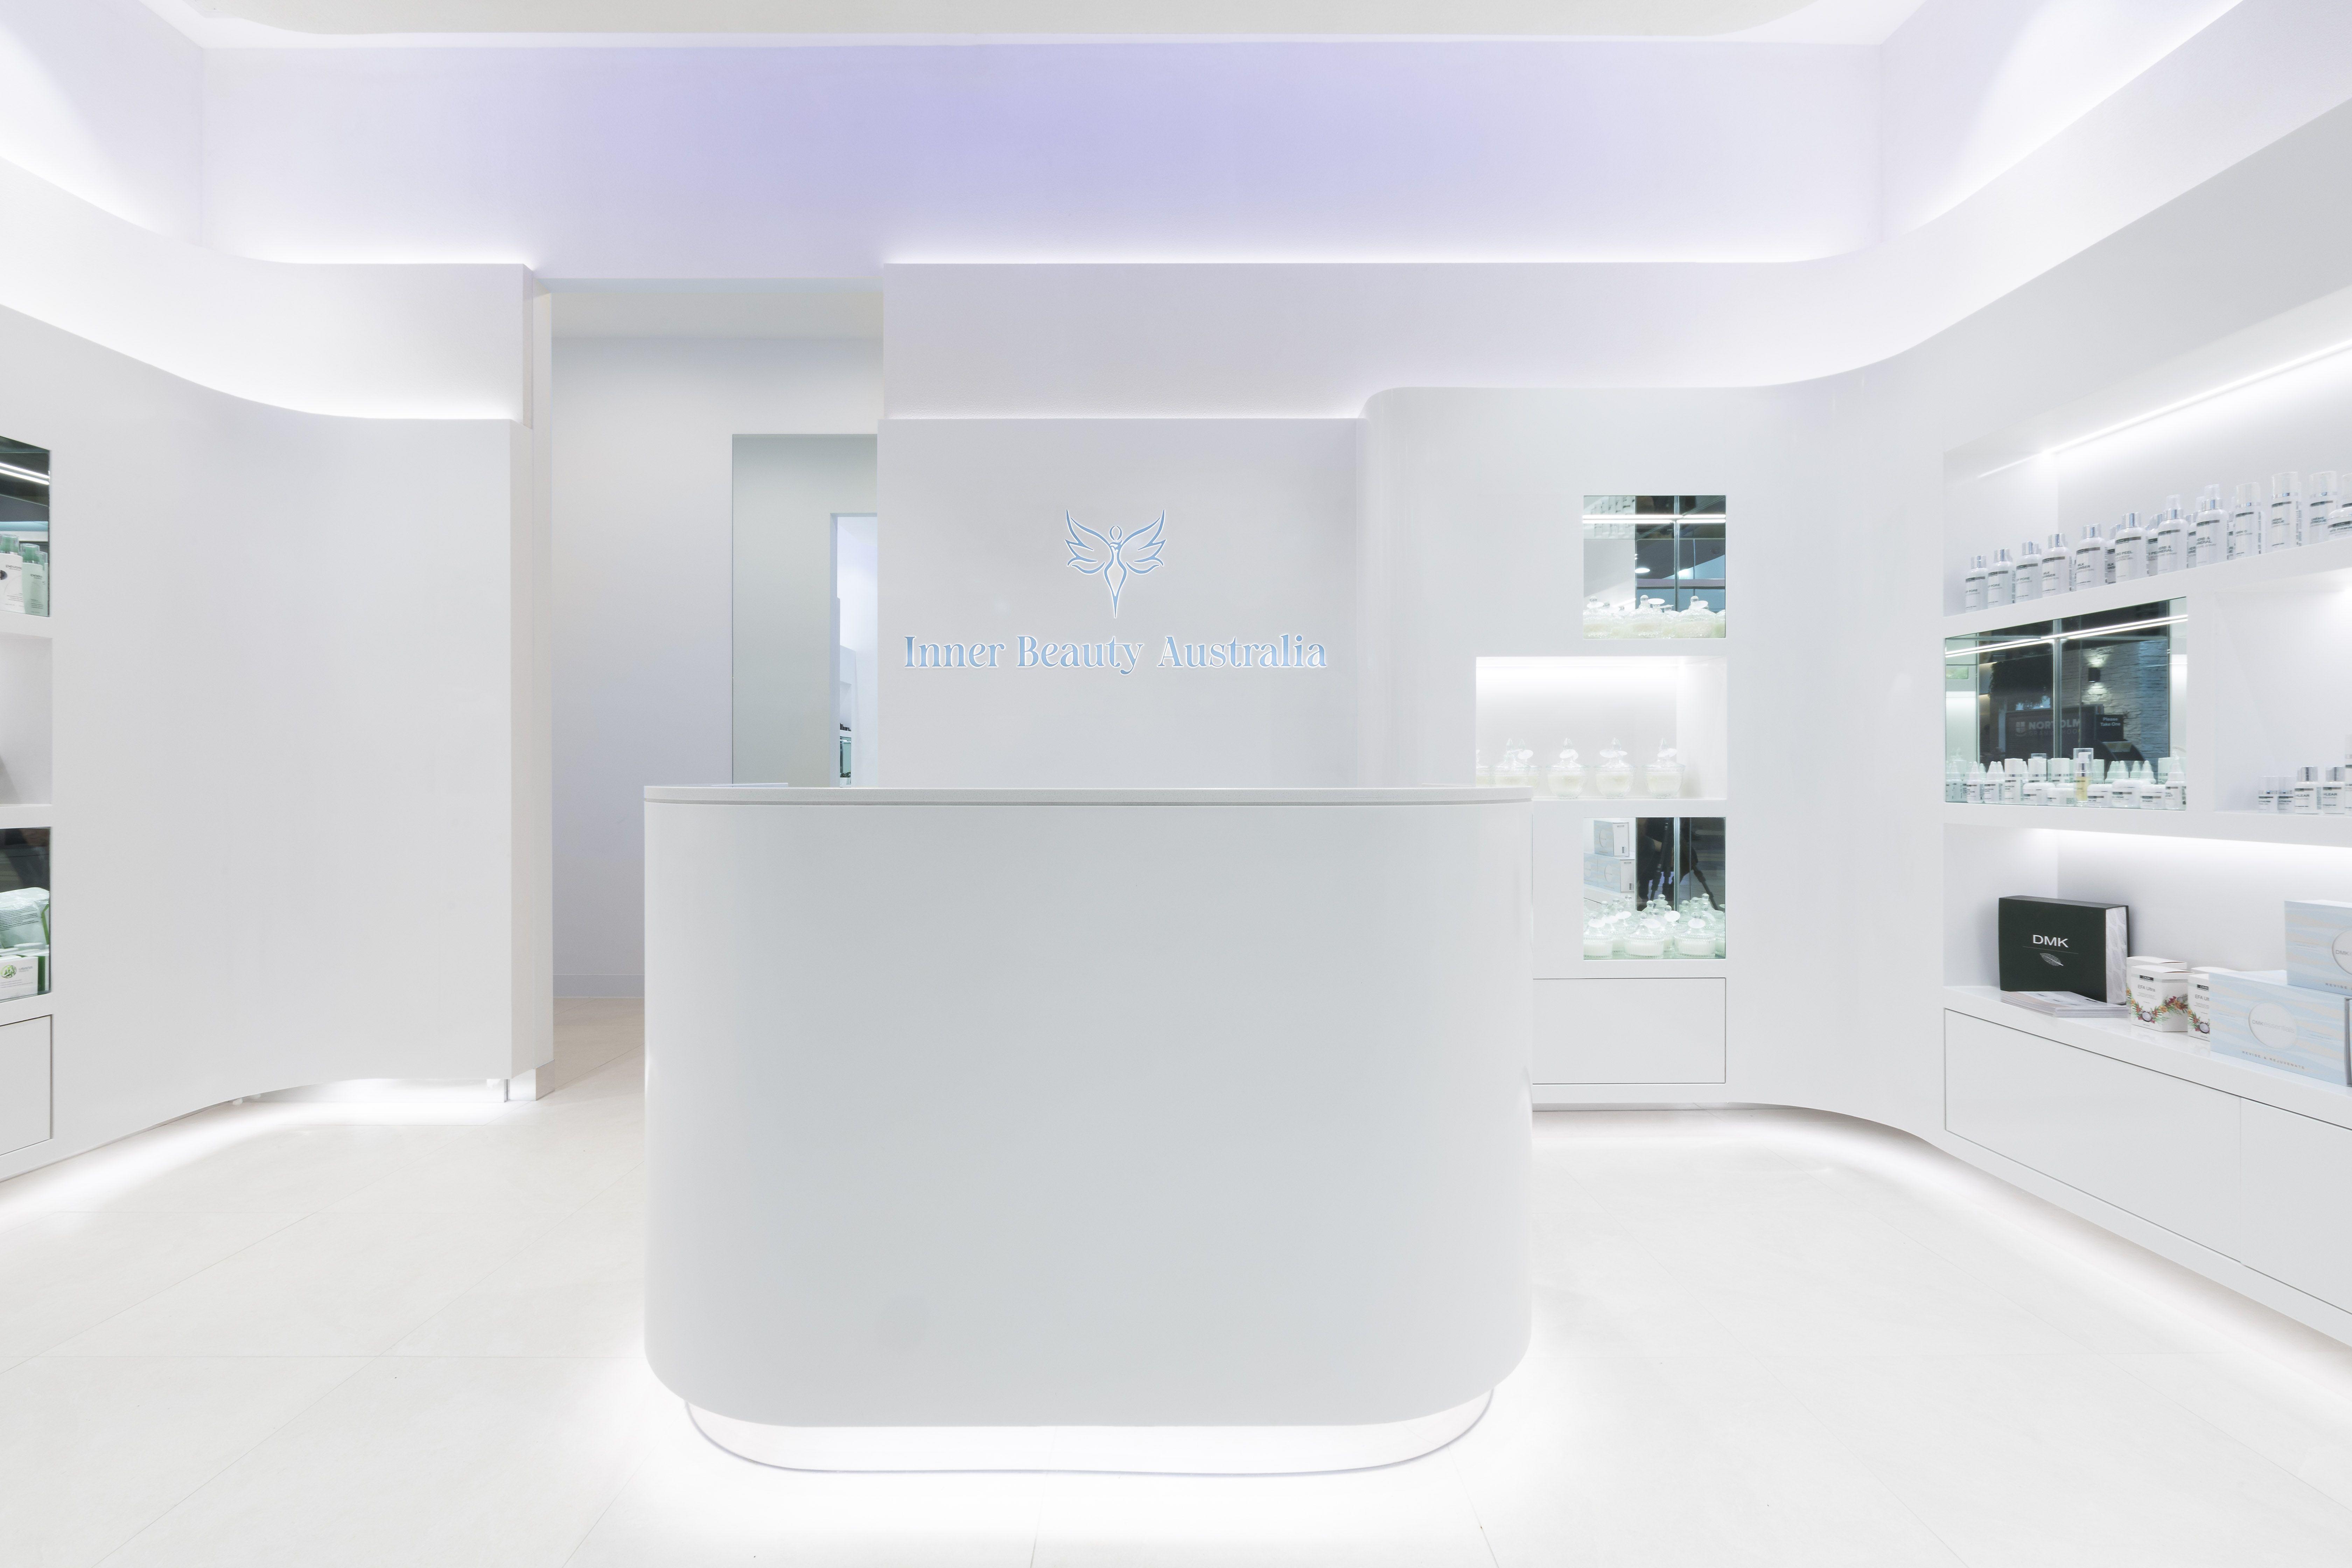 Premium Skin Care Clinic Retail Interior Design Clinic Interior Design Retail Interior Design Skin Care Clinic